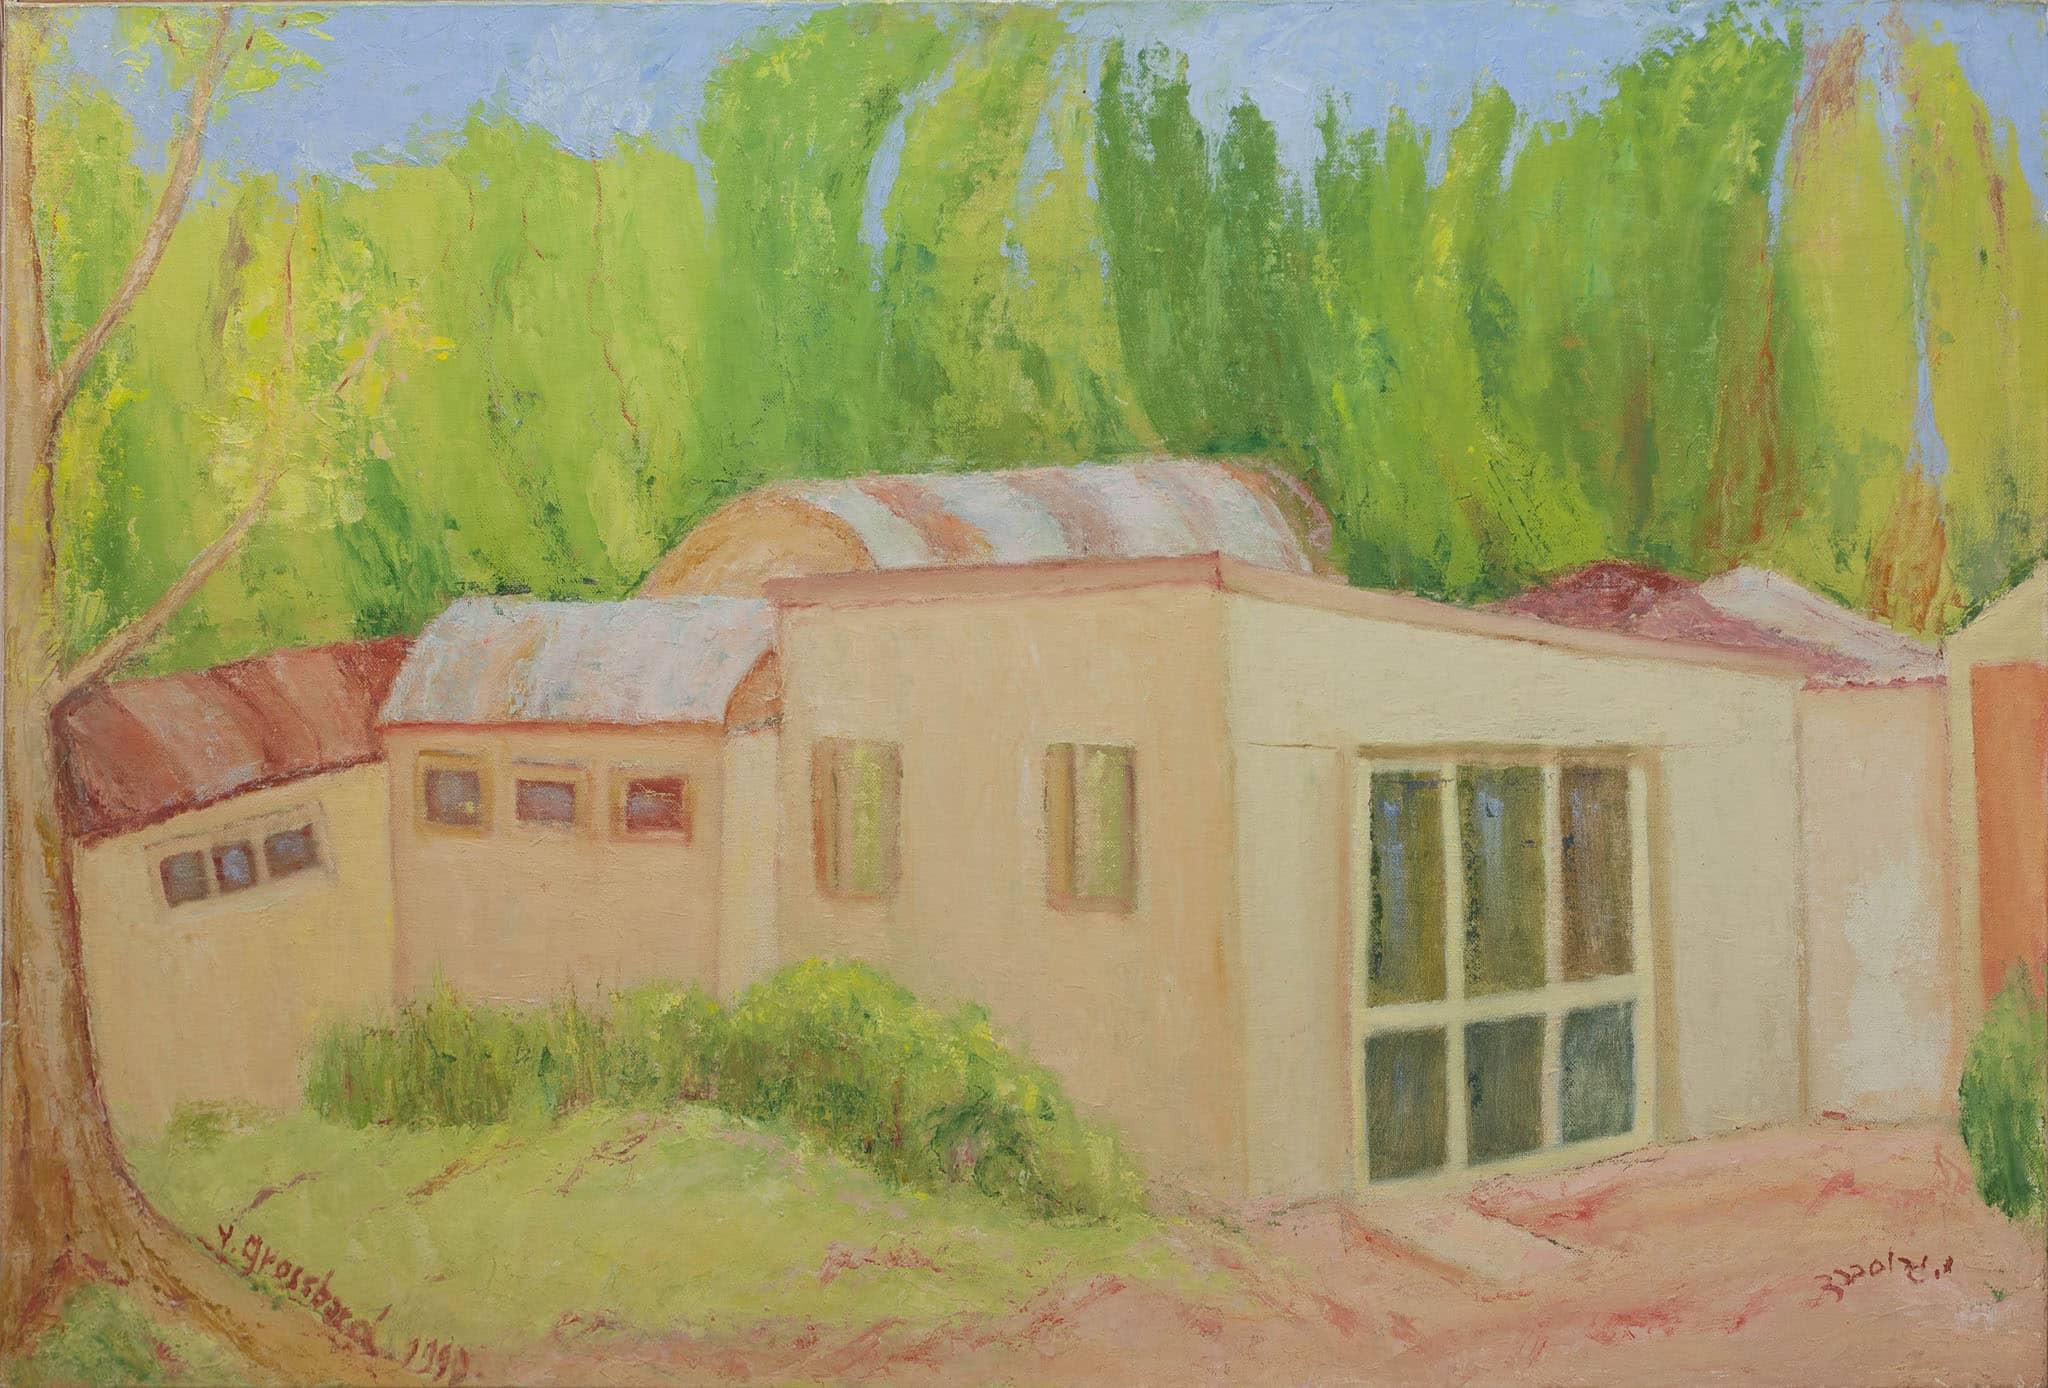 """יהושע גרוסברד, """"פרדס חנה"""", 1990, שמן על לוח בד, 61x90 ס""""מ"""